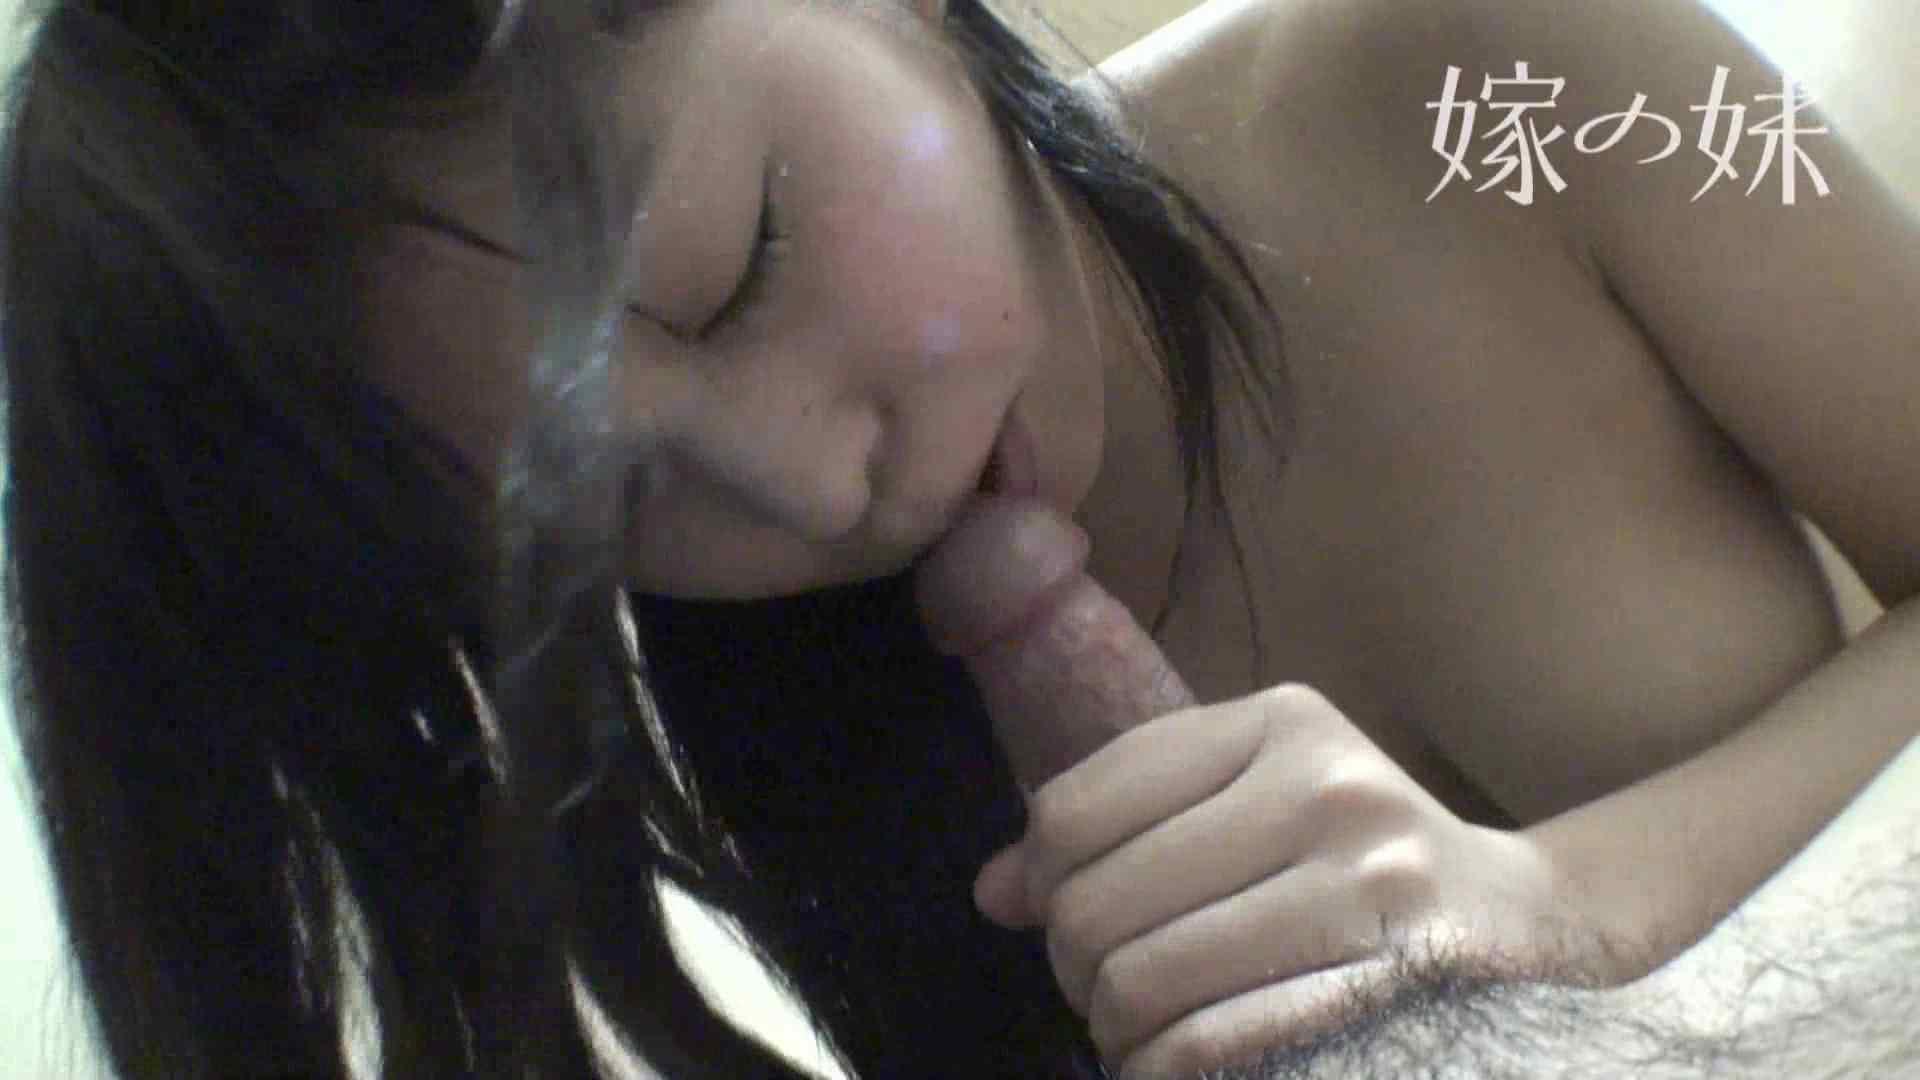 居候中の嫁の妹 vol.2 性欲  106pic 88